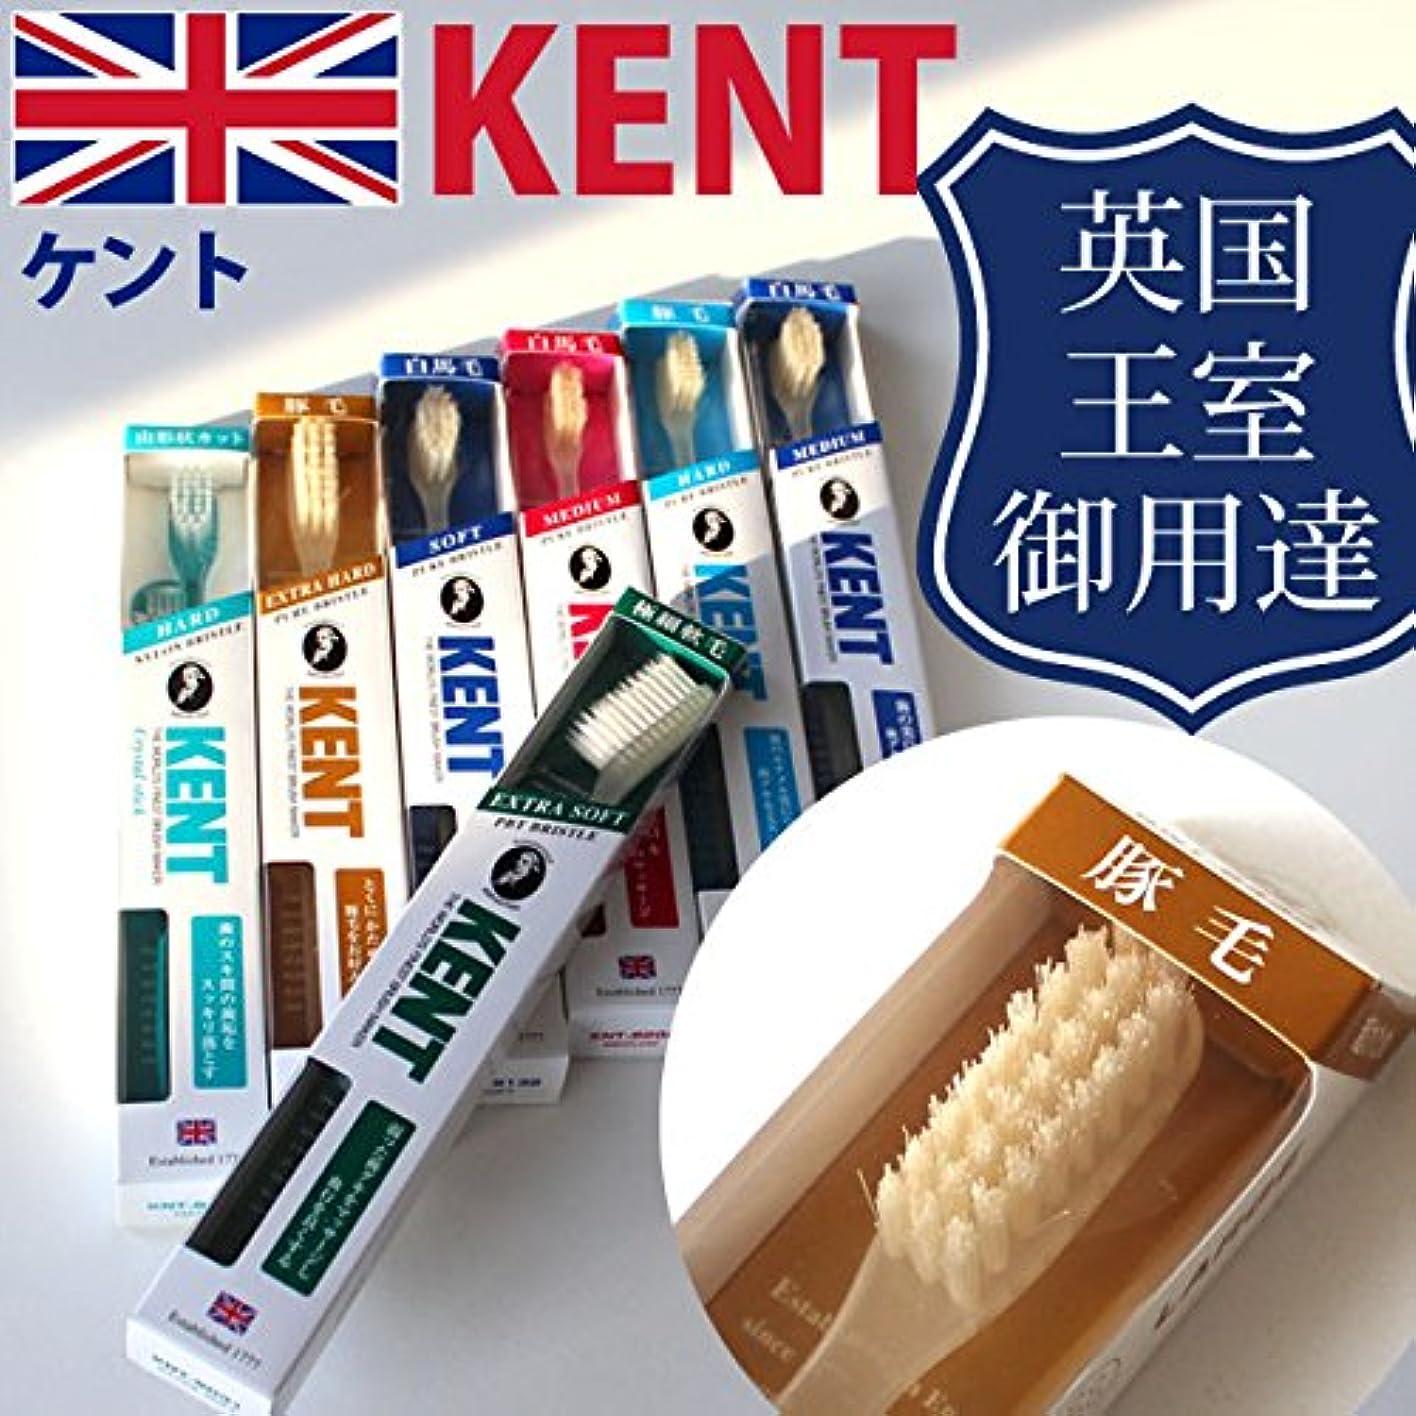 推測するセントキャストケント KENT 豚毛 コンパクト 歯ブラシKNT-9233/9833 6本入り 他の天然毛の歯ブラシに比べて細かく磨 ふつう